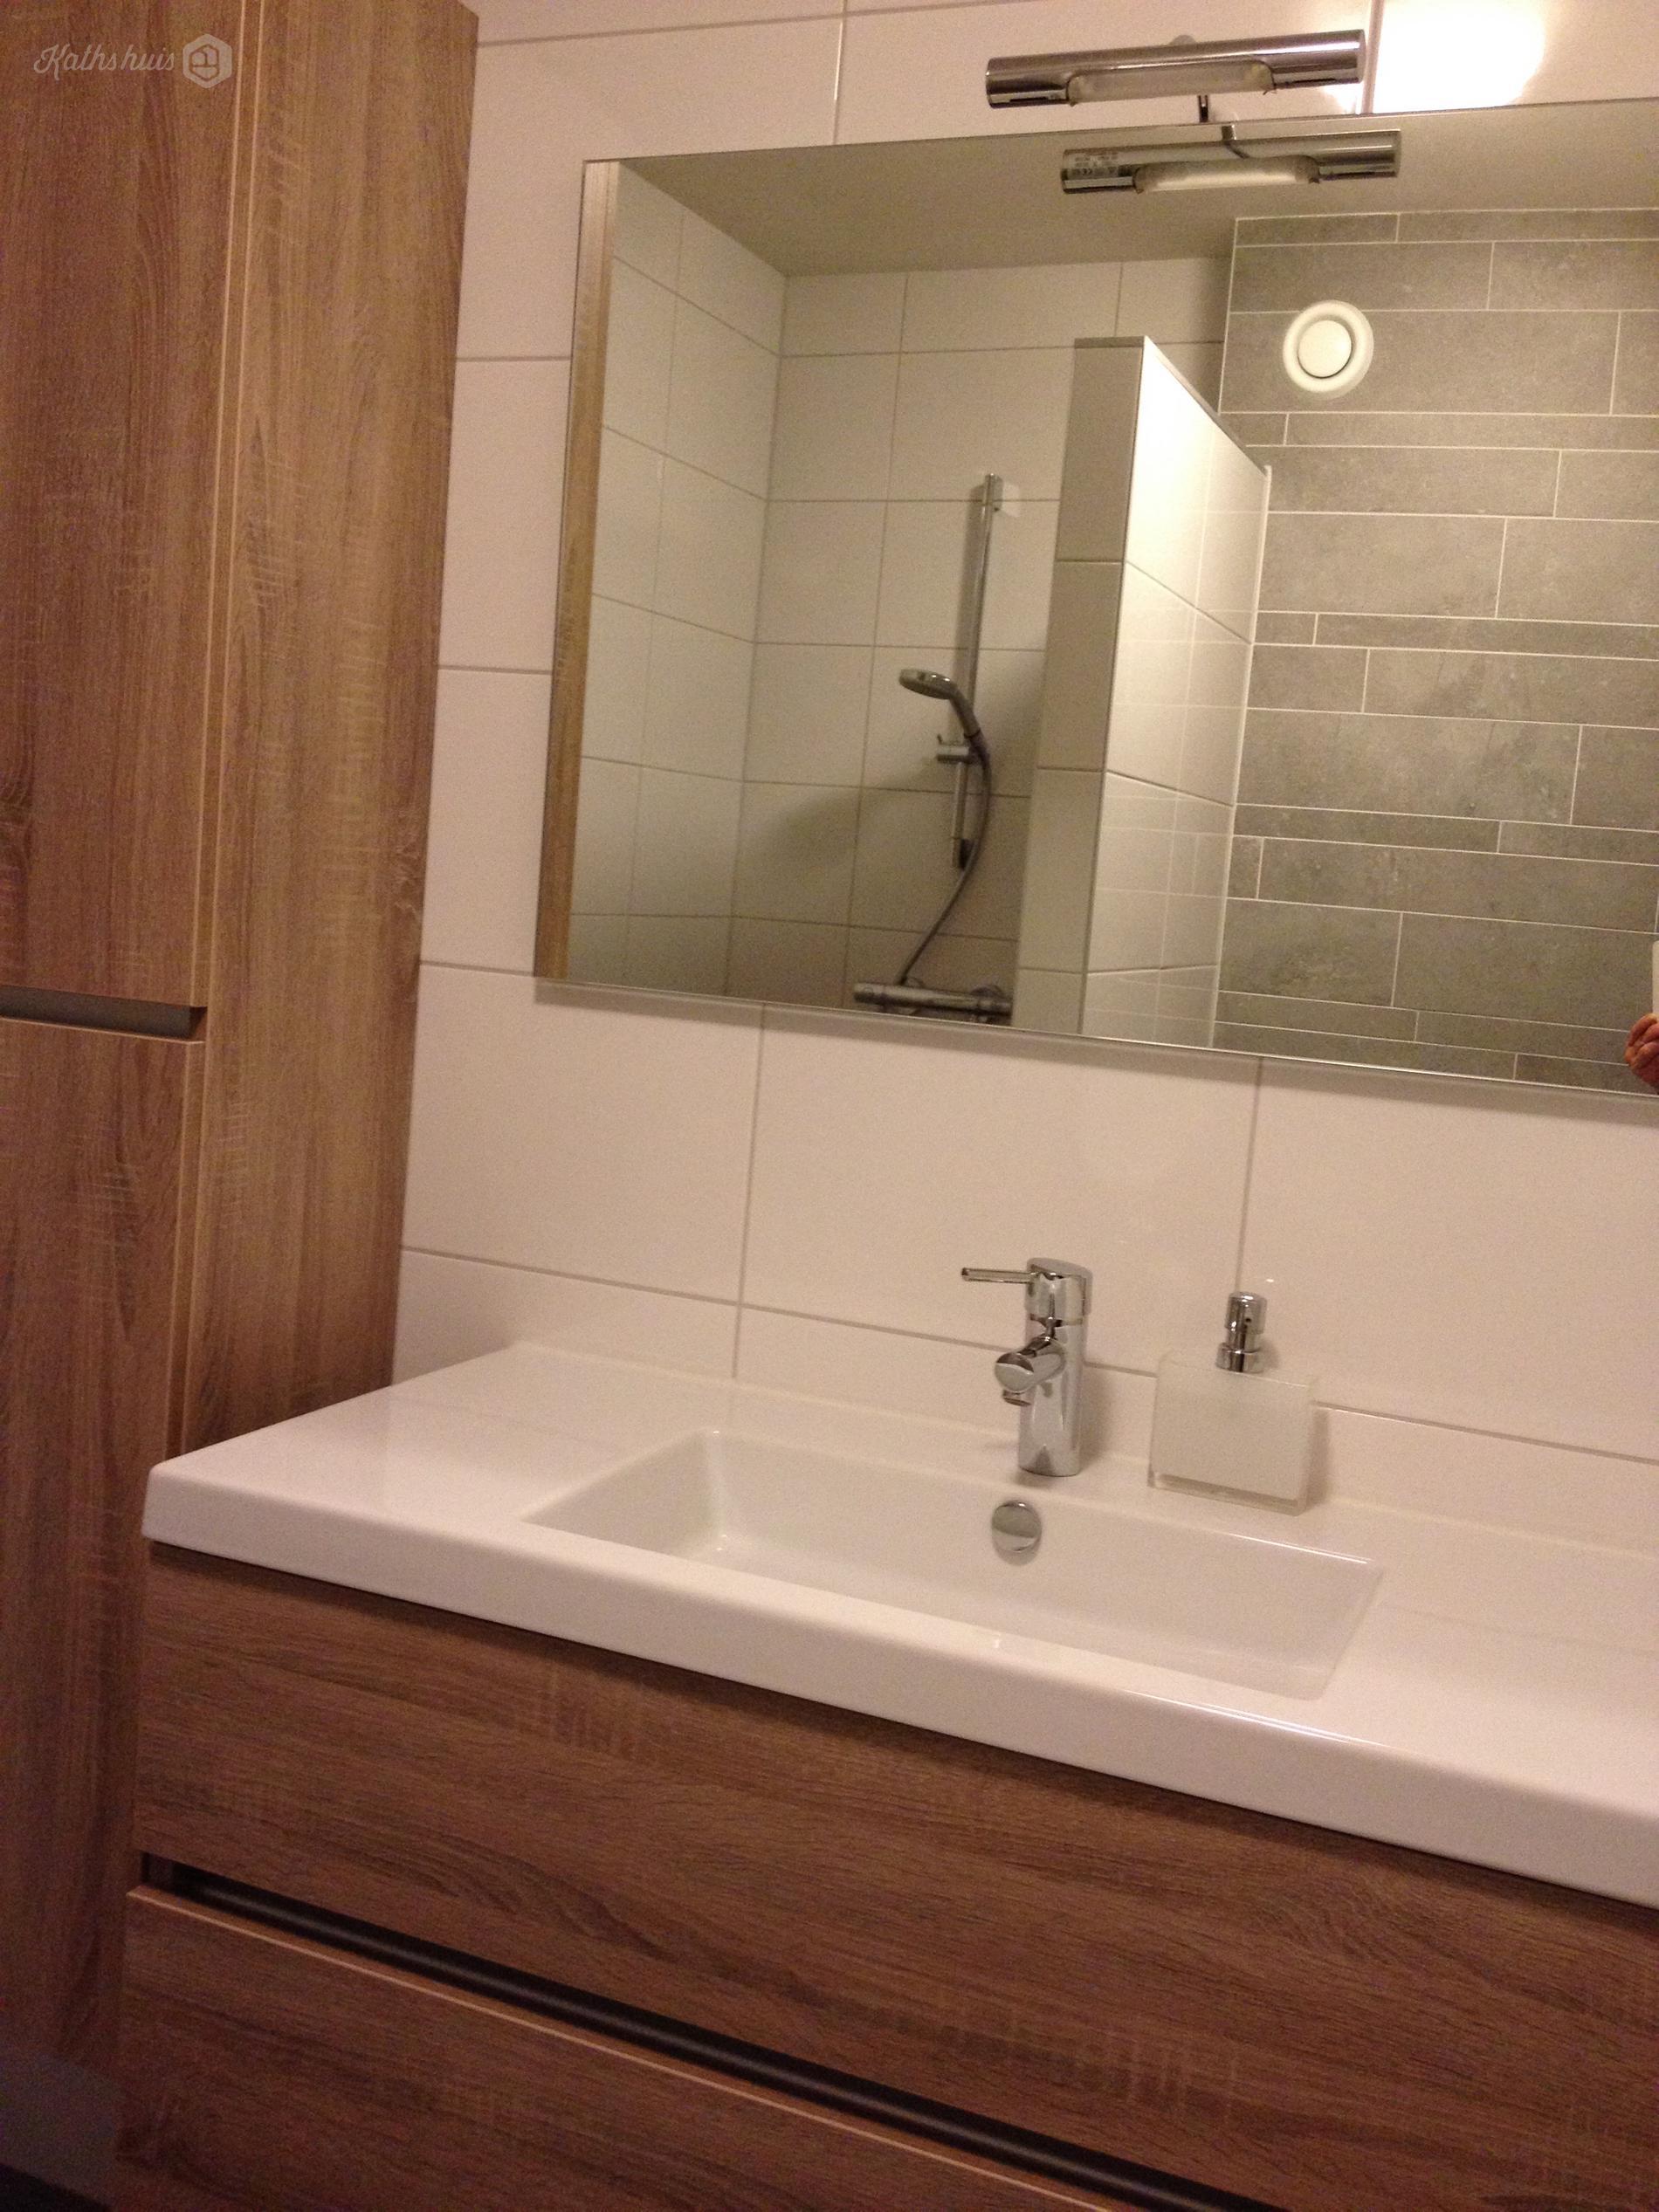 Kathshuis ontwerp kleine badkamer van - Hoe amenager een kleine badkamer ...